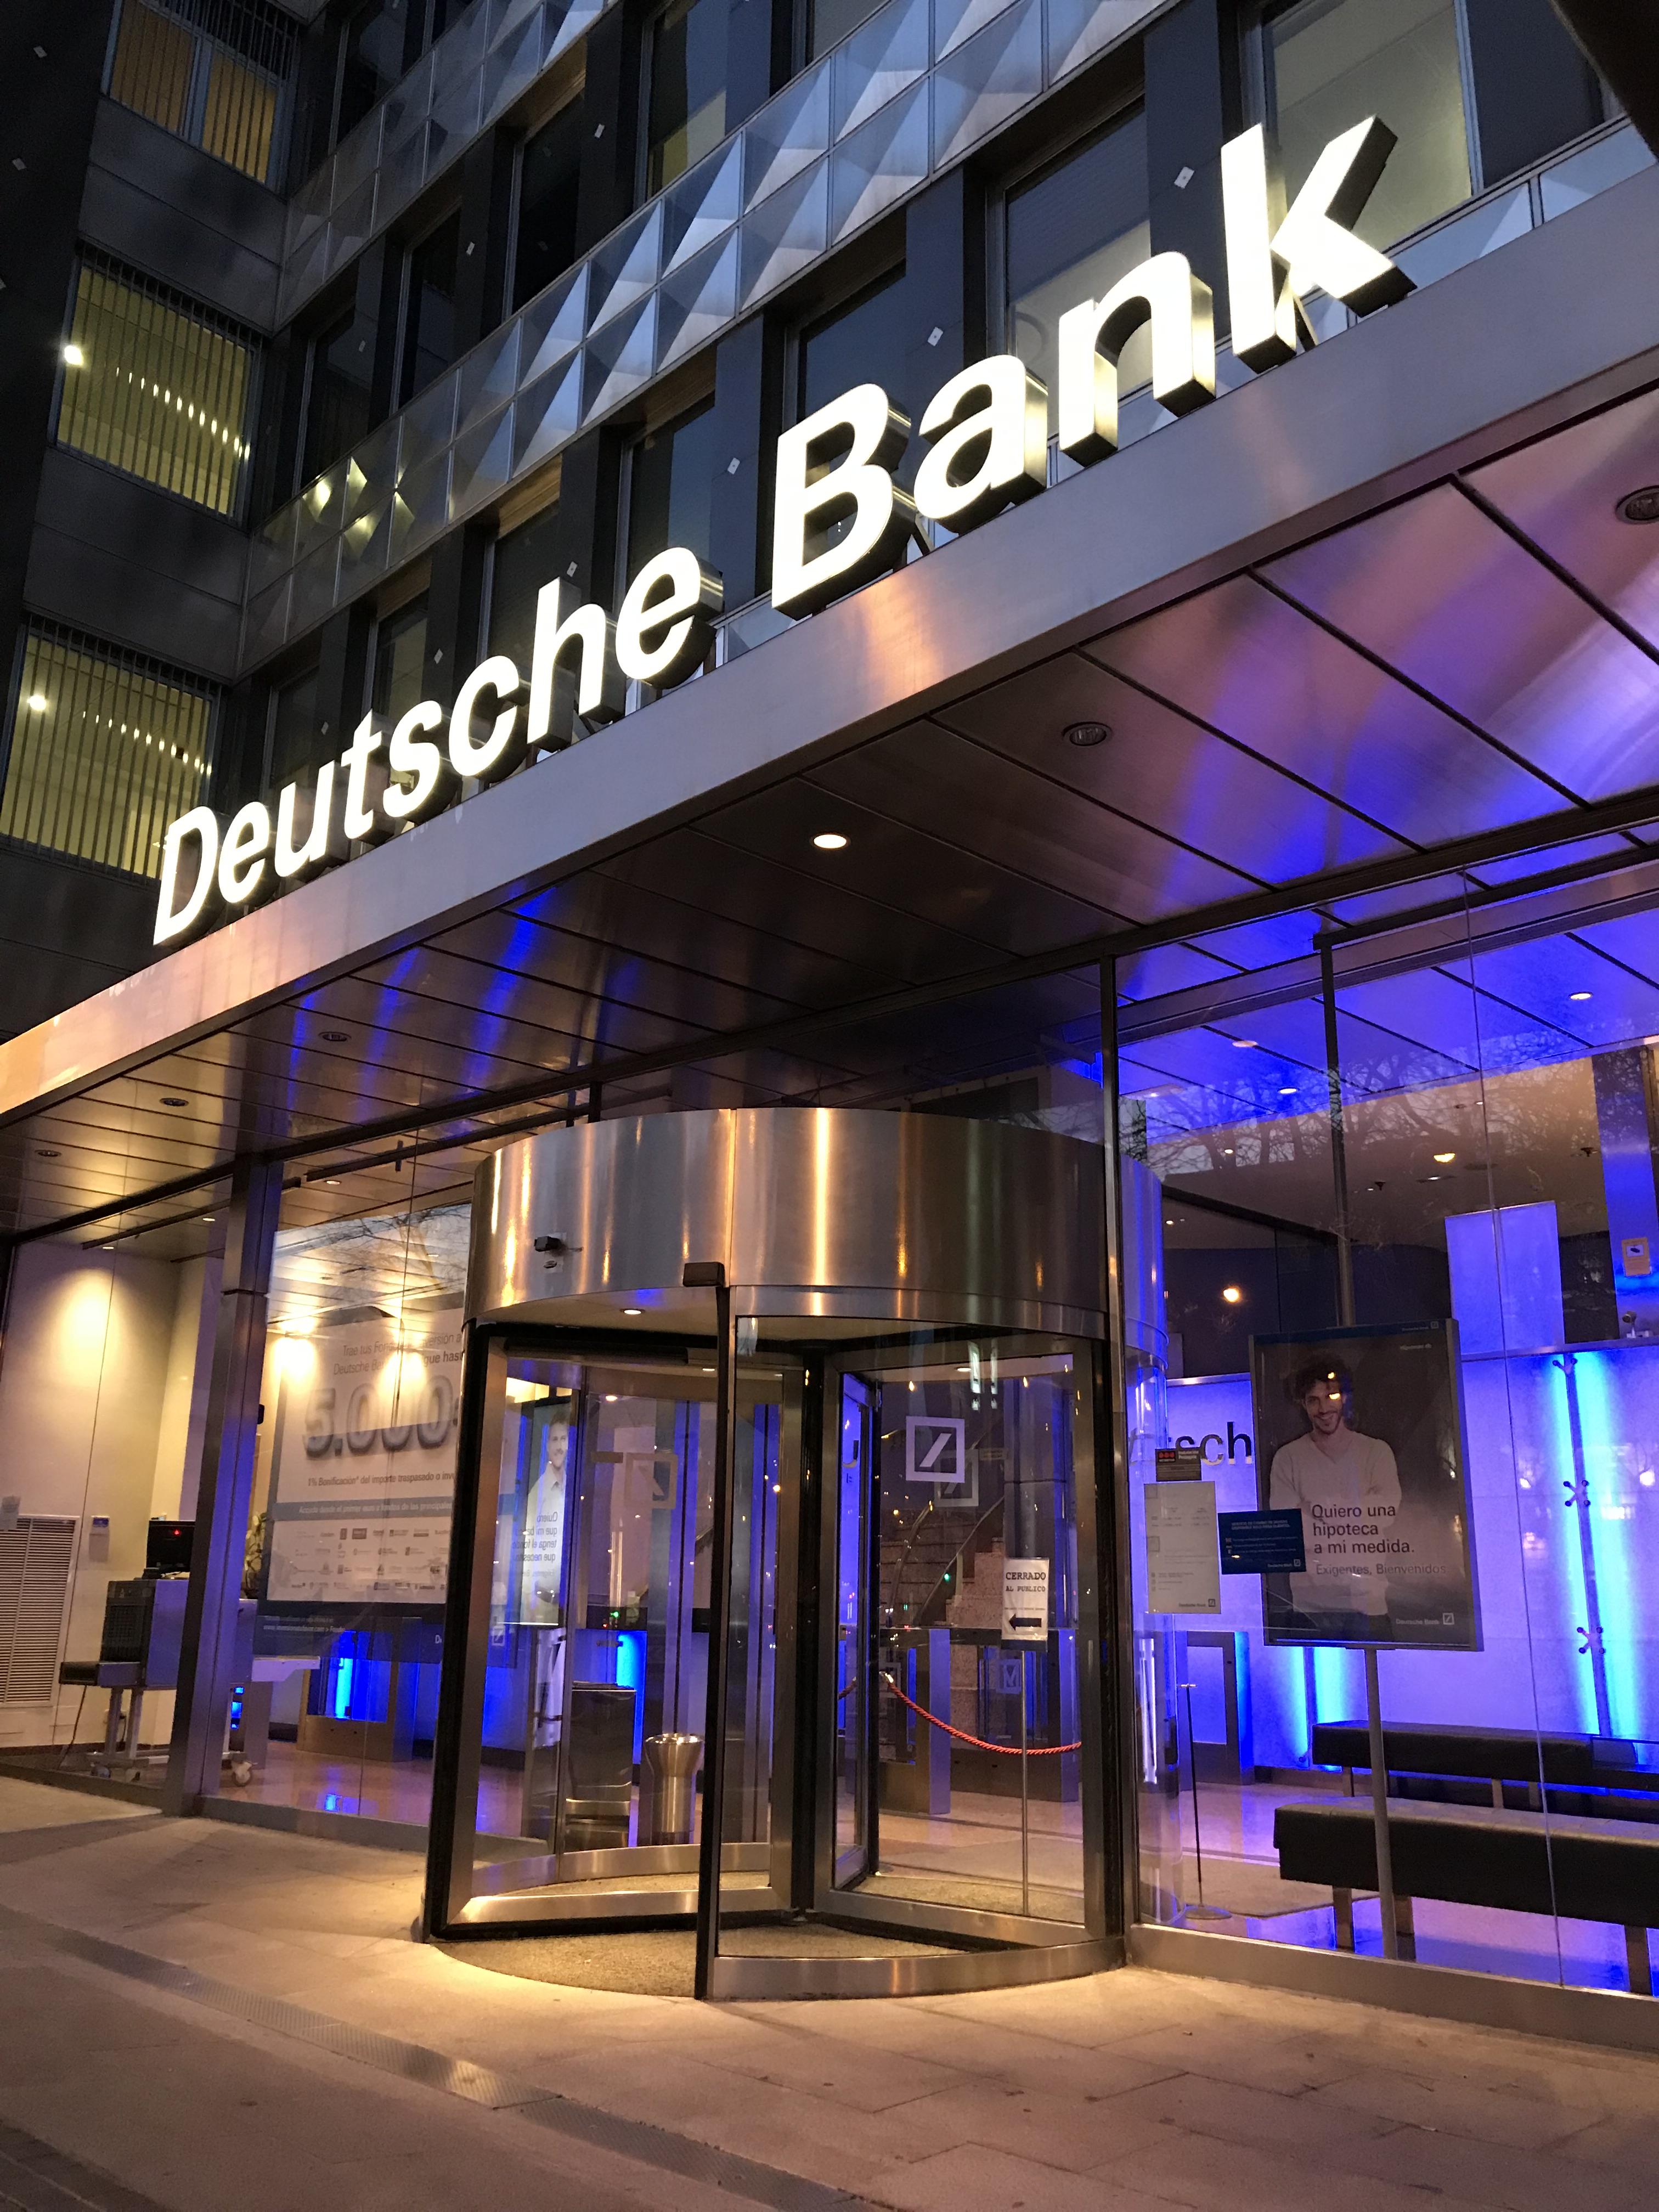 PORTIS ADQUIERE EL CONTRATO DE MANTENIMIENTO DE LA CENTRAL DE DEUTSCHE BANK EN ESPAÑA.